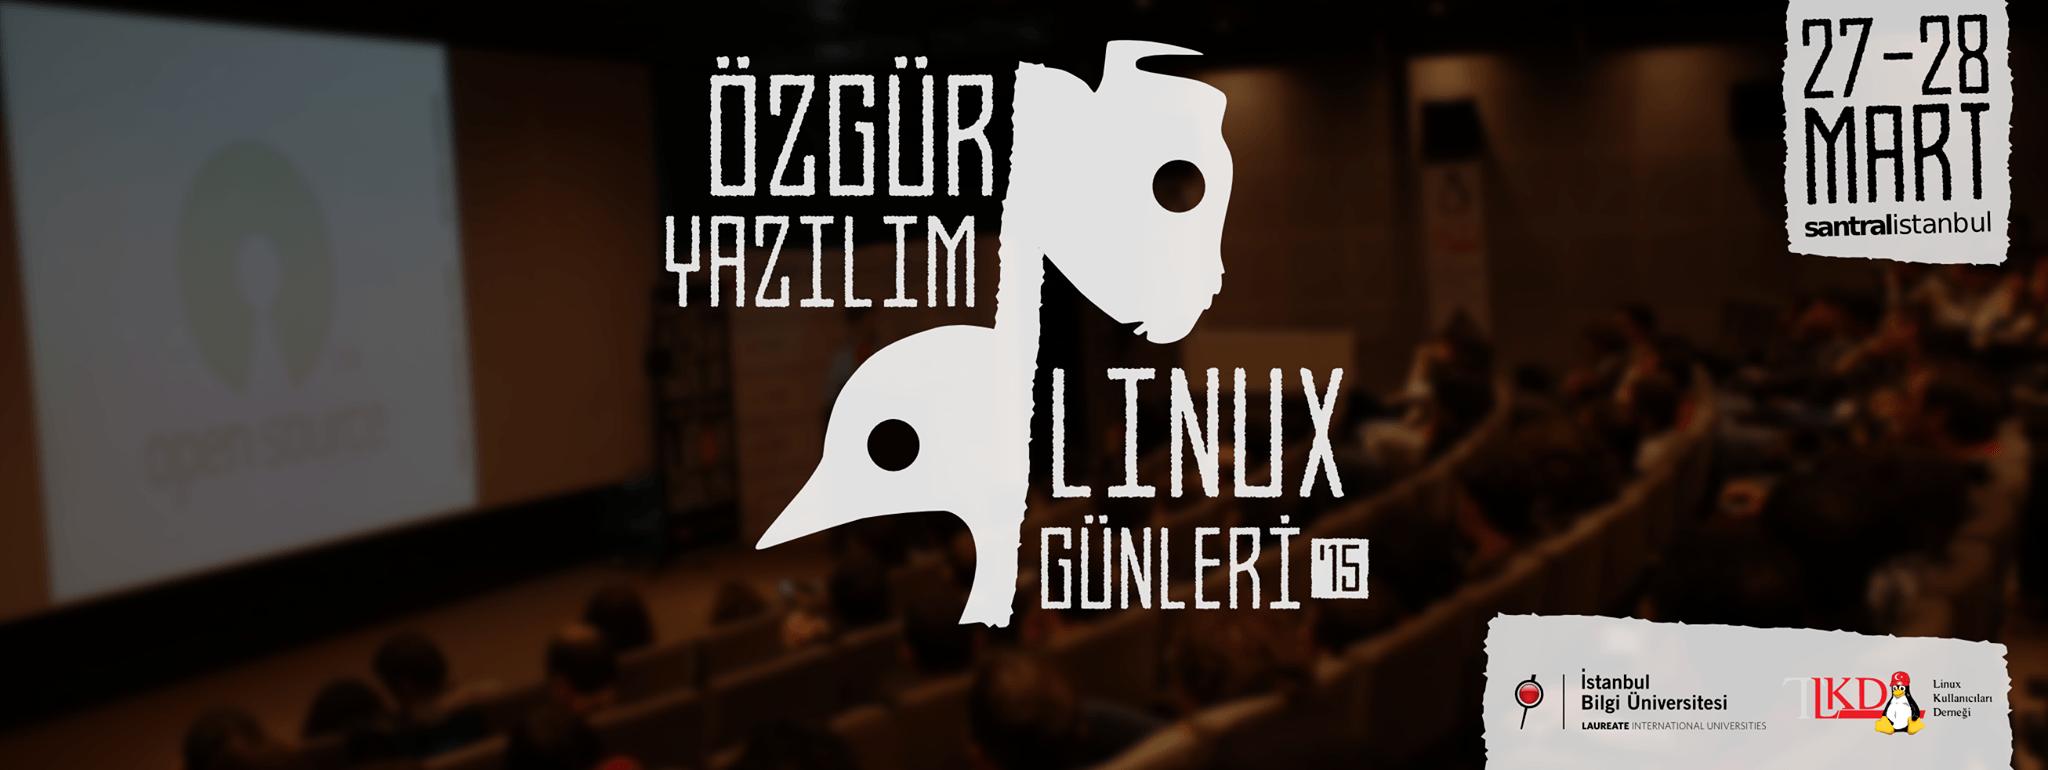 ozgur-yazilim-ve-linux-gunleri-gorsel